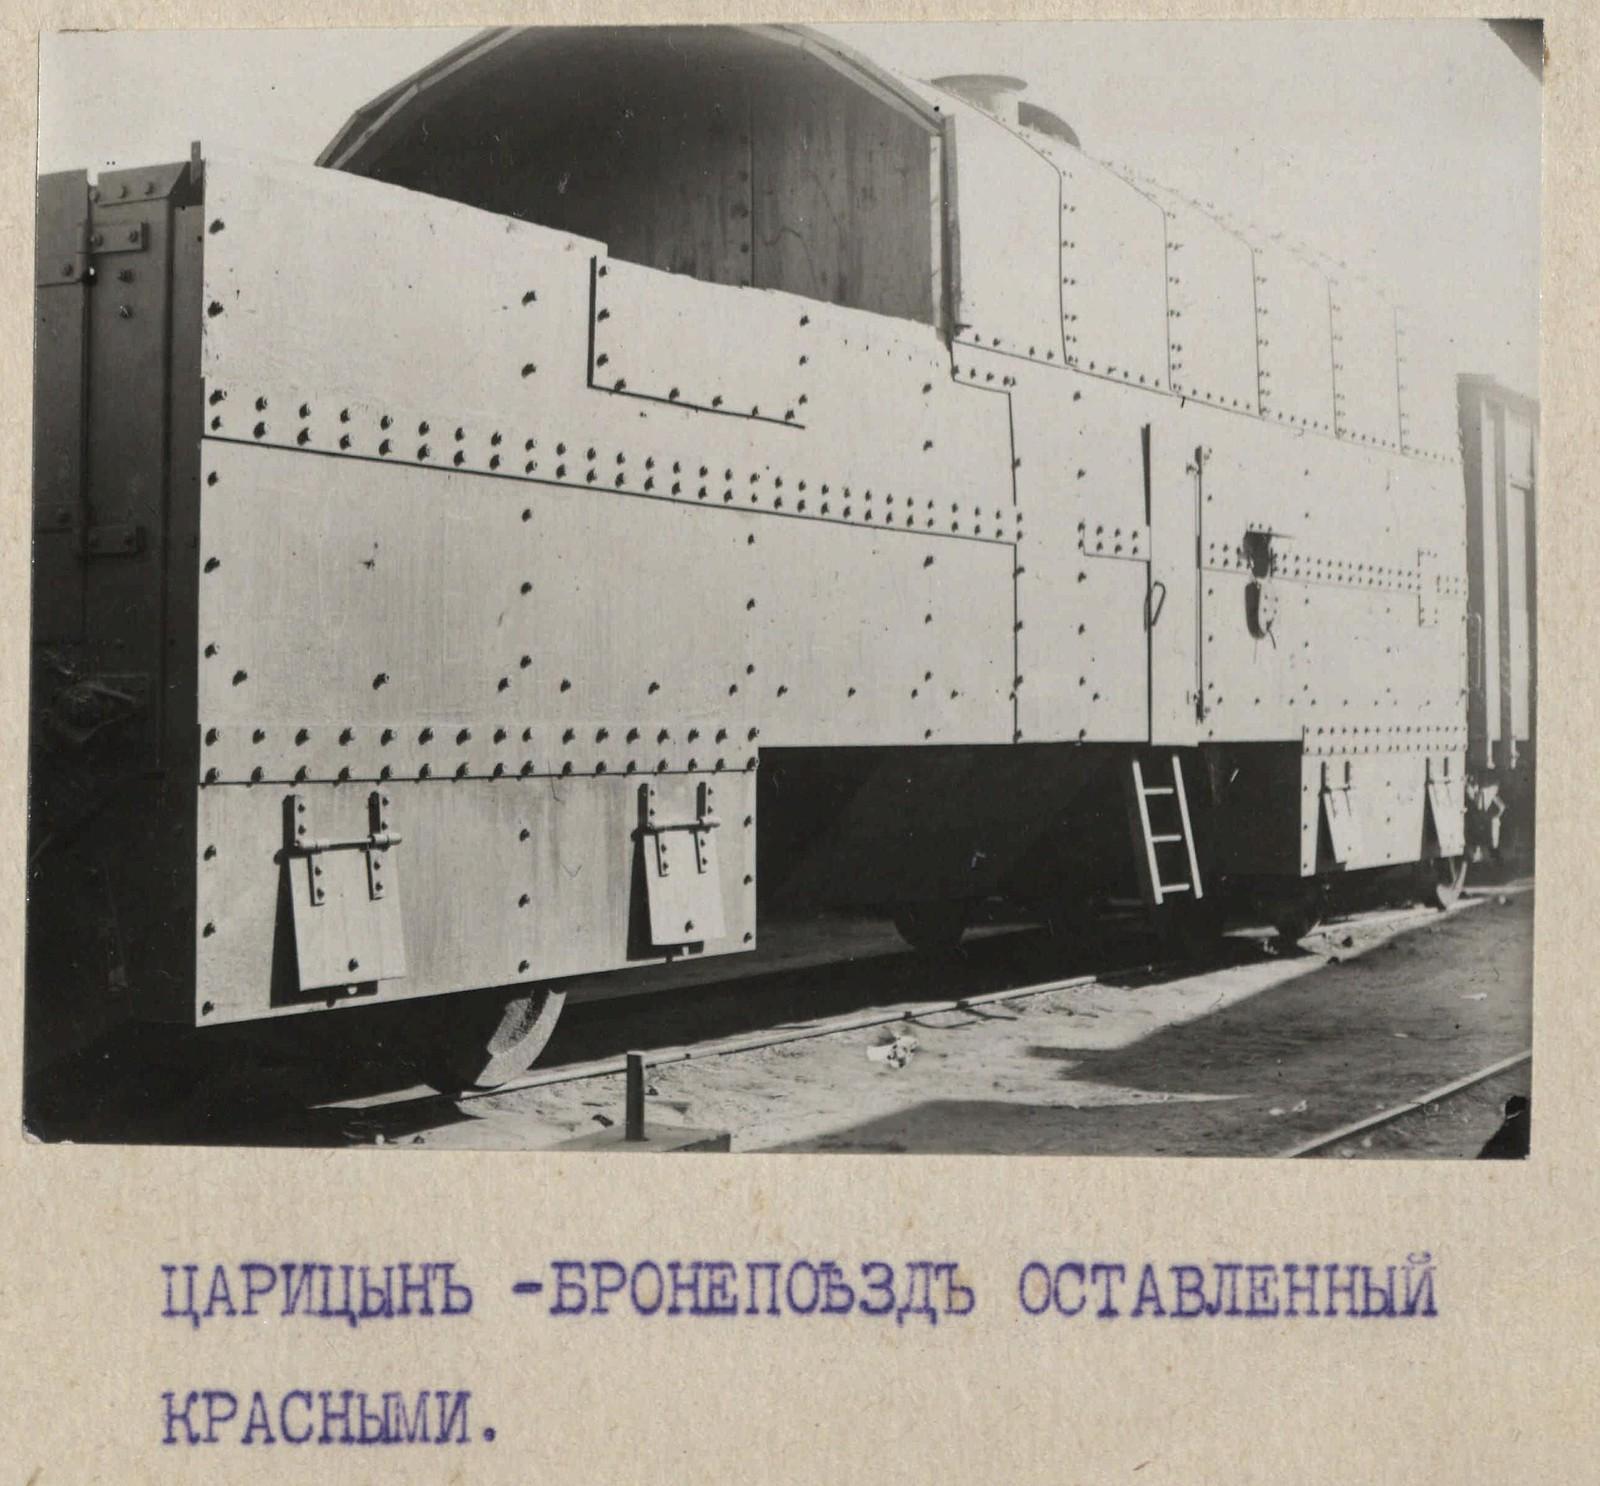 1919. Царицын. Бронепоезд оставленный красными